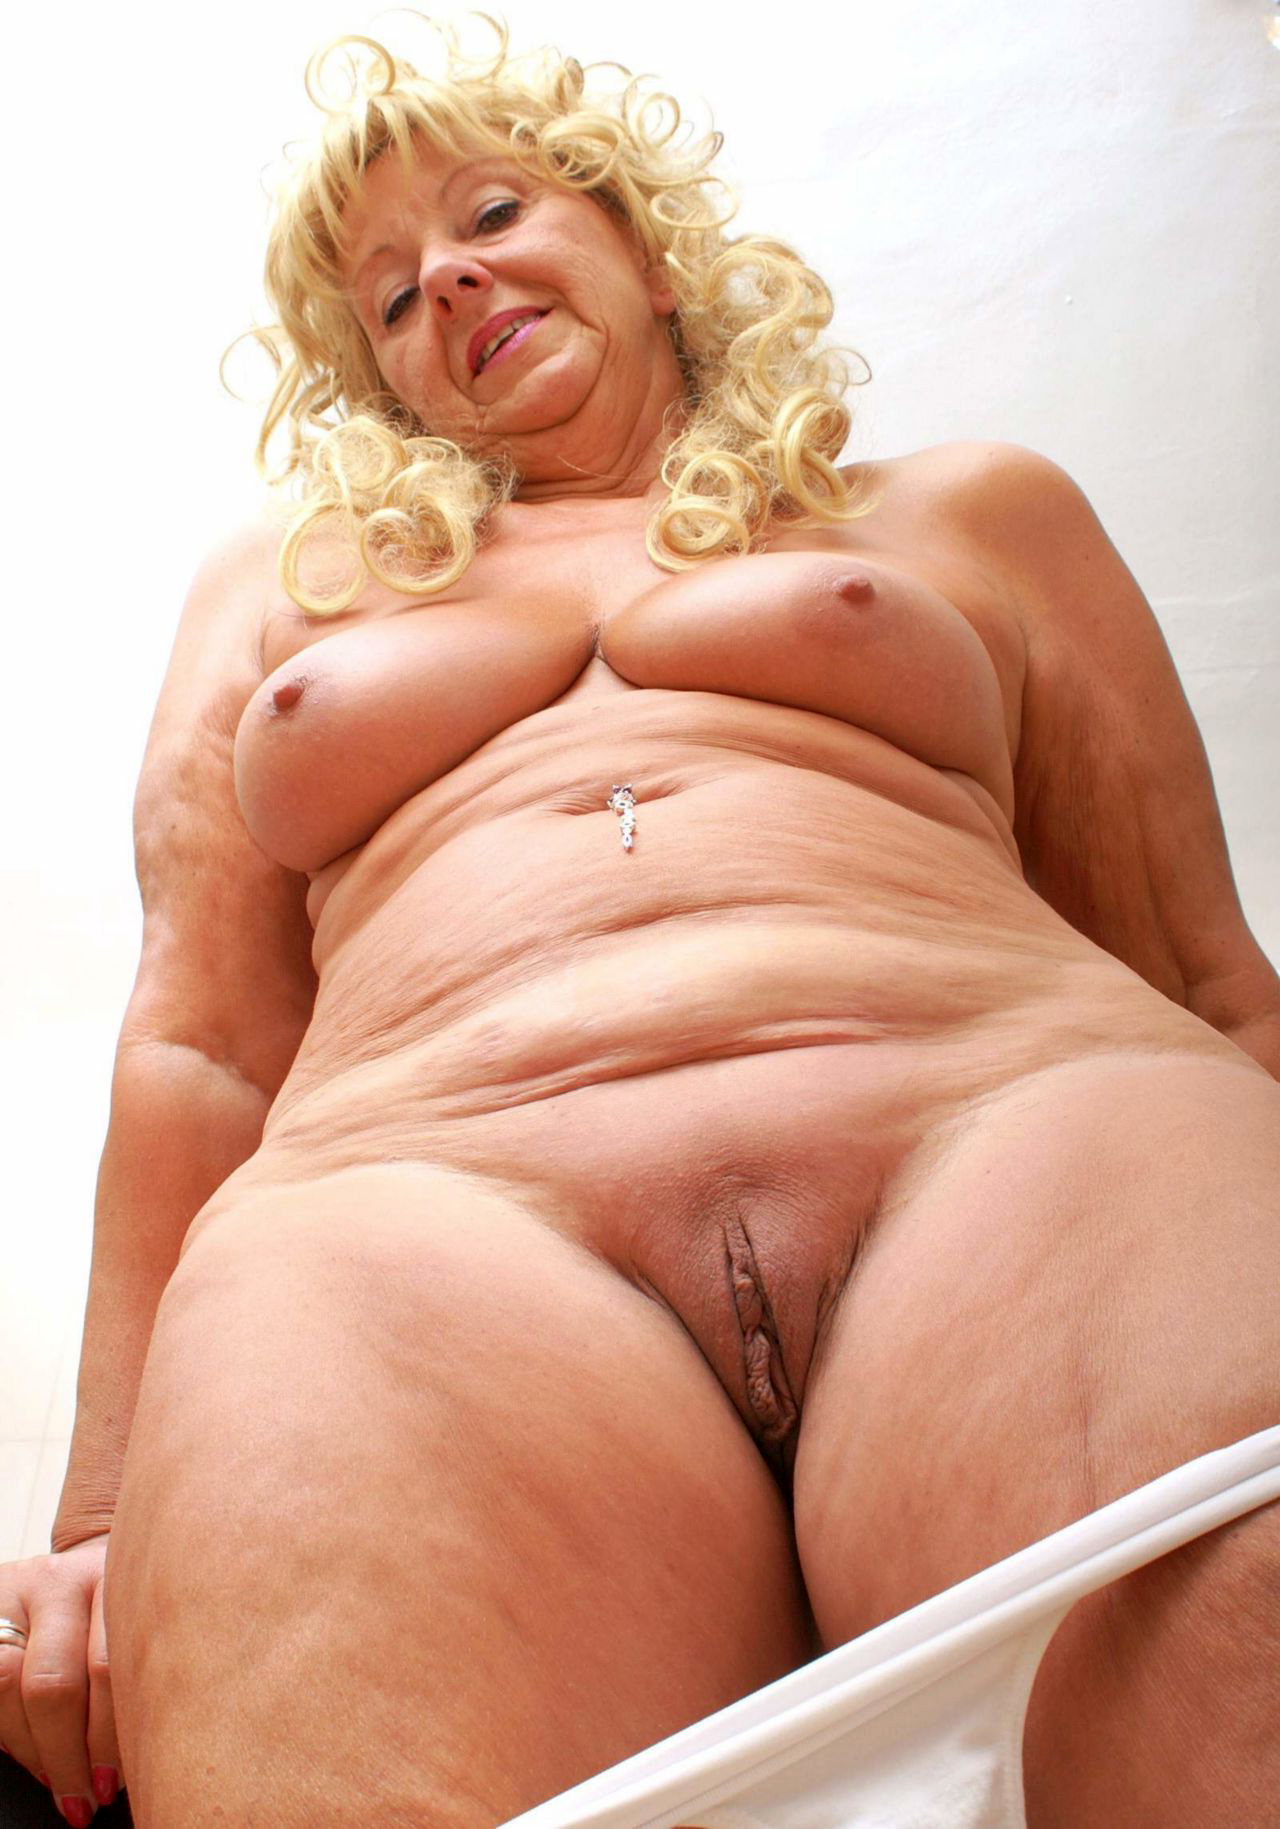 Crazy Fat Granny Pussy - MatureGrannyPussy.com